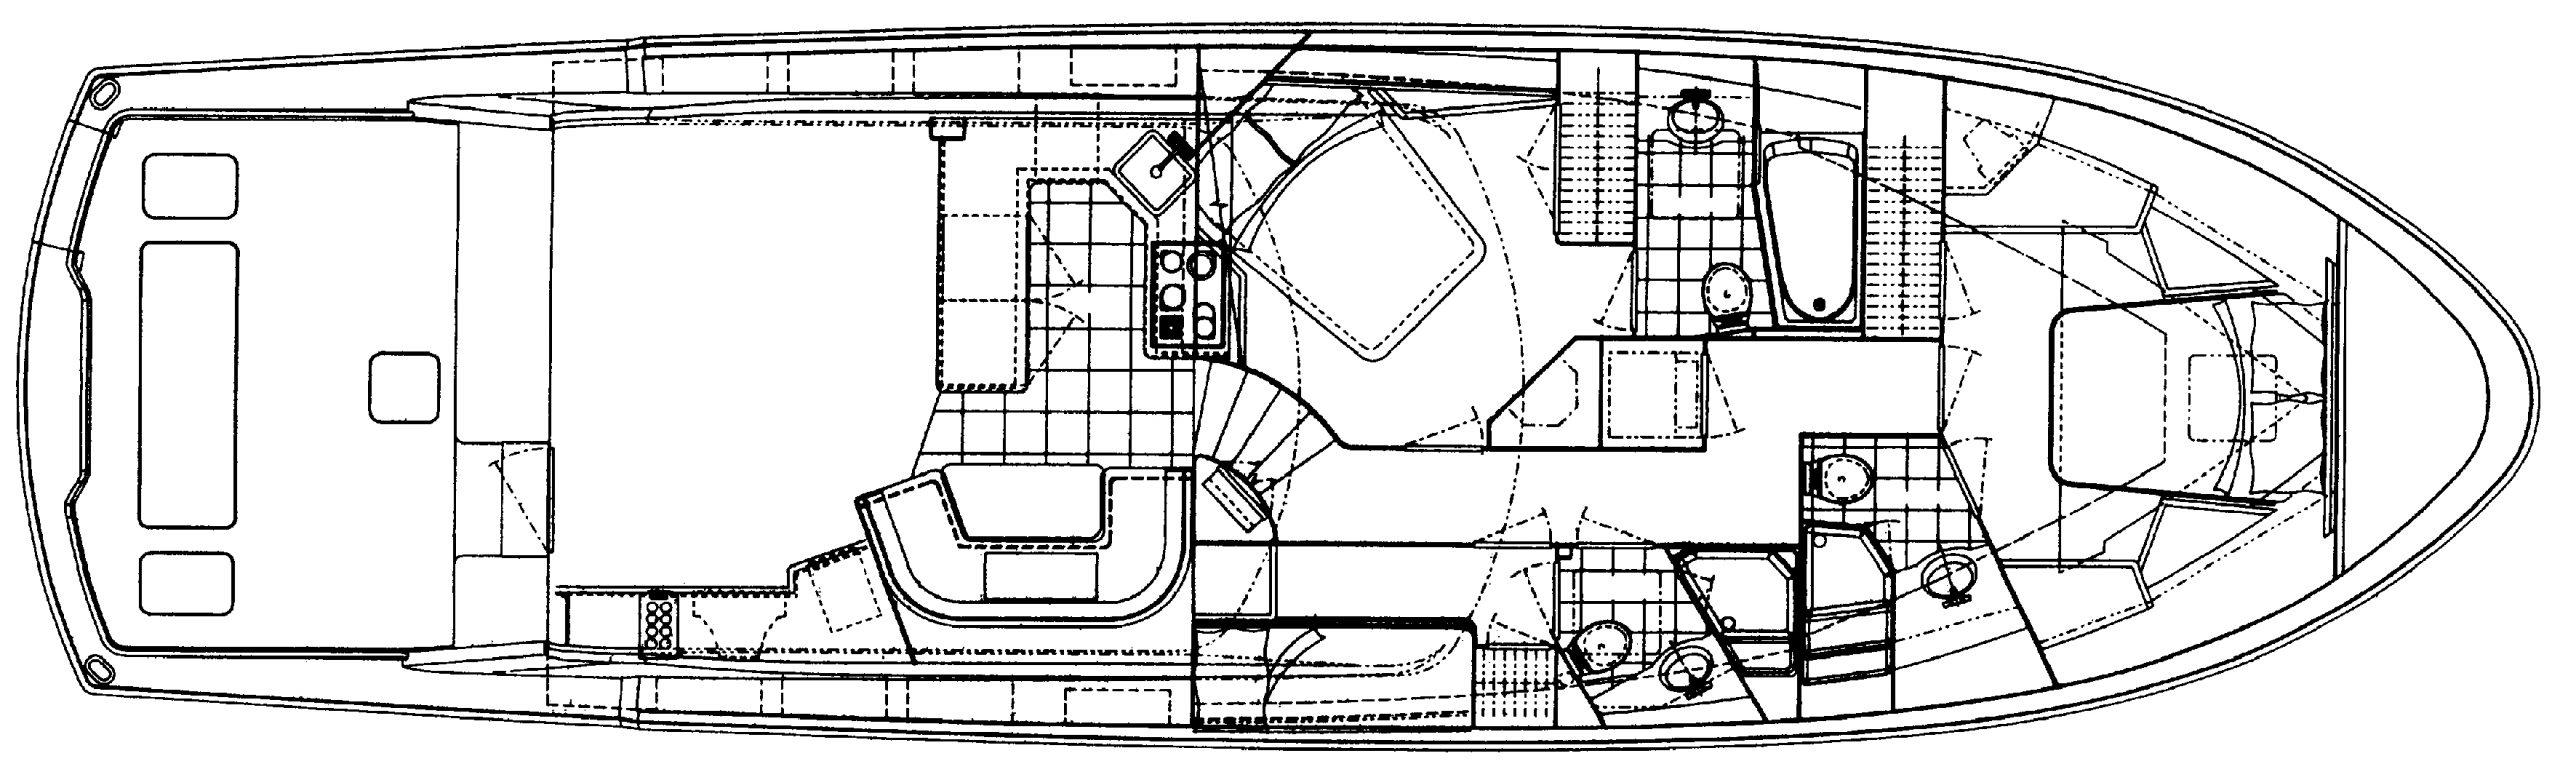 60 Convertible Floor Plan 2